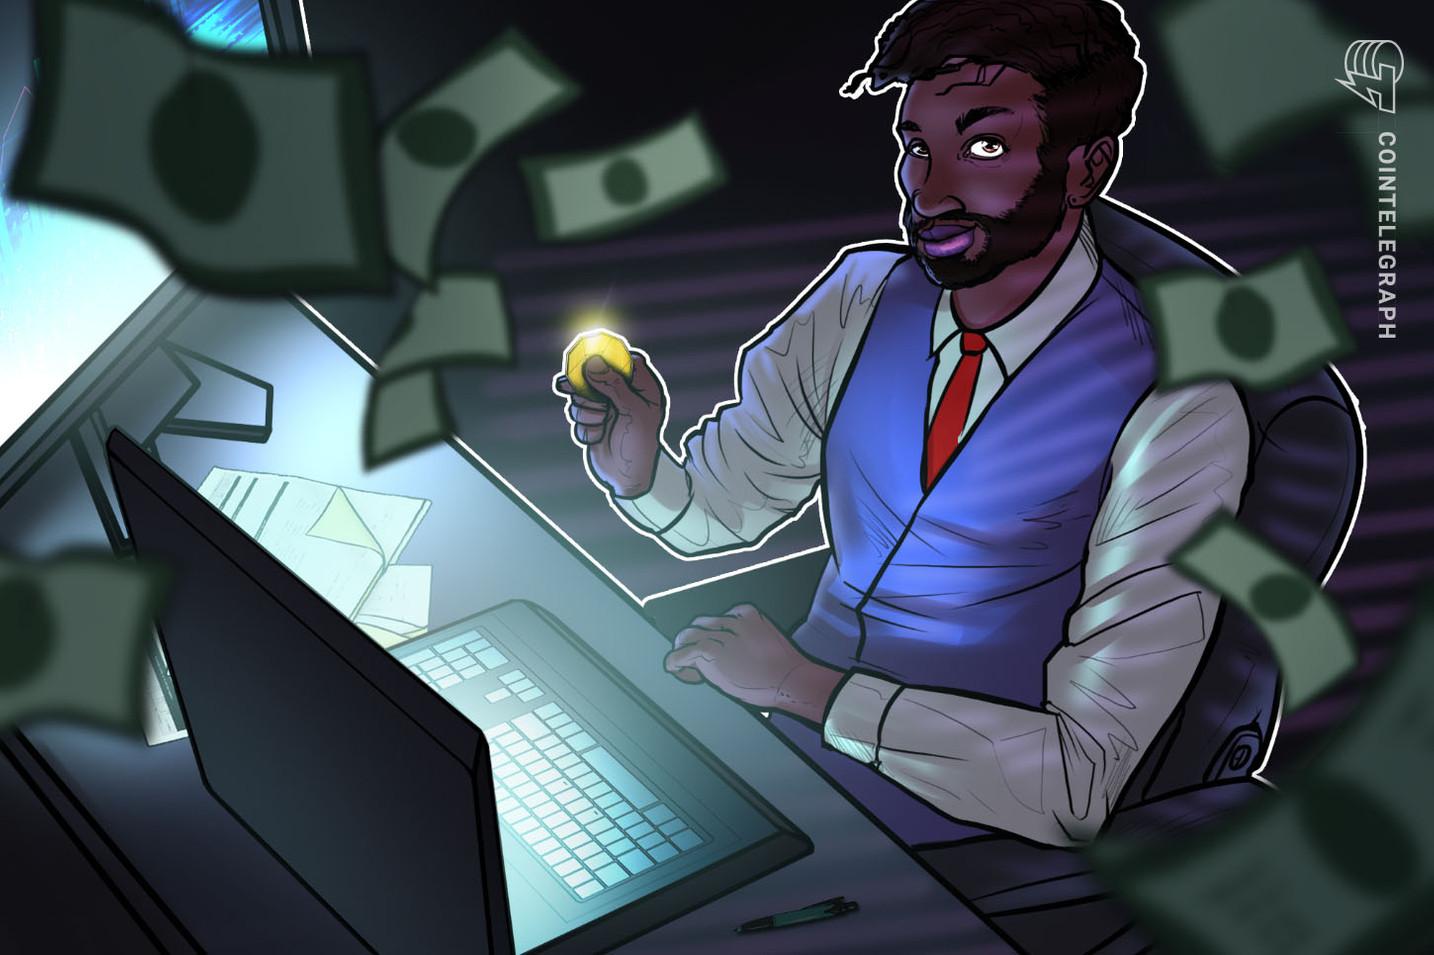 Visa anuncia piloto de neobank focado em levar ferramentas de criptoativos para a comunidade negra